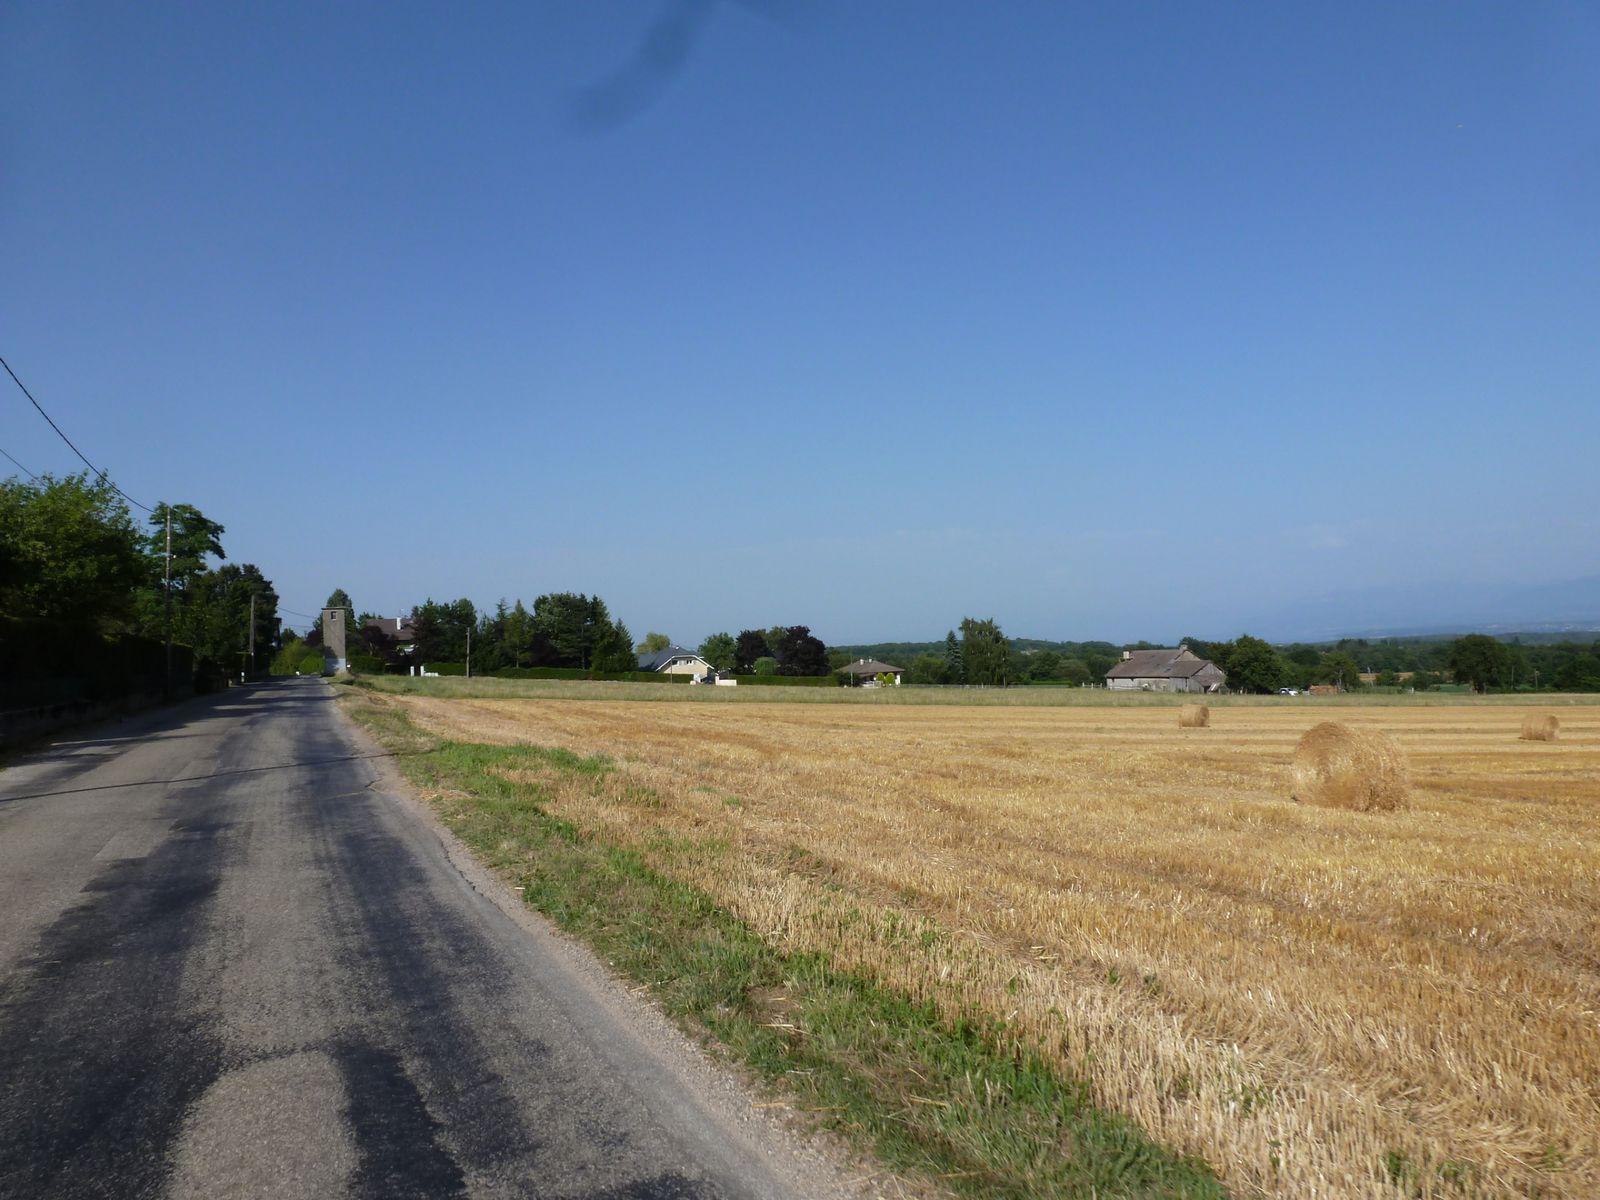 27 juillet 2013 - Bosses du Jura en soirée